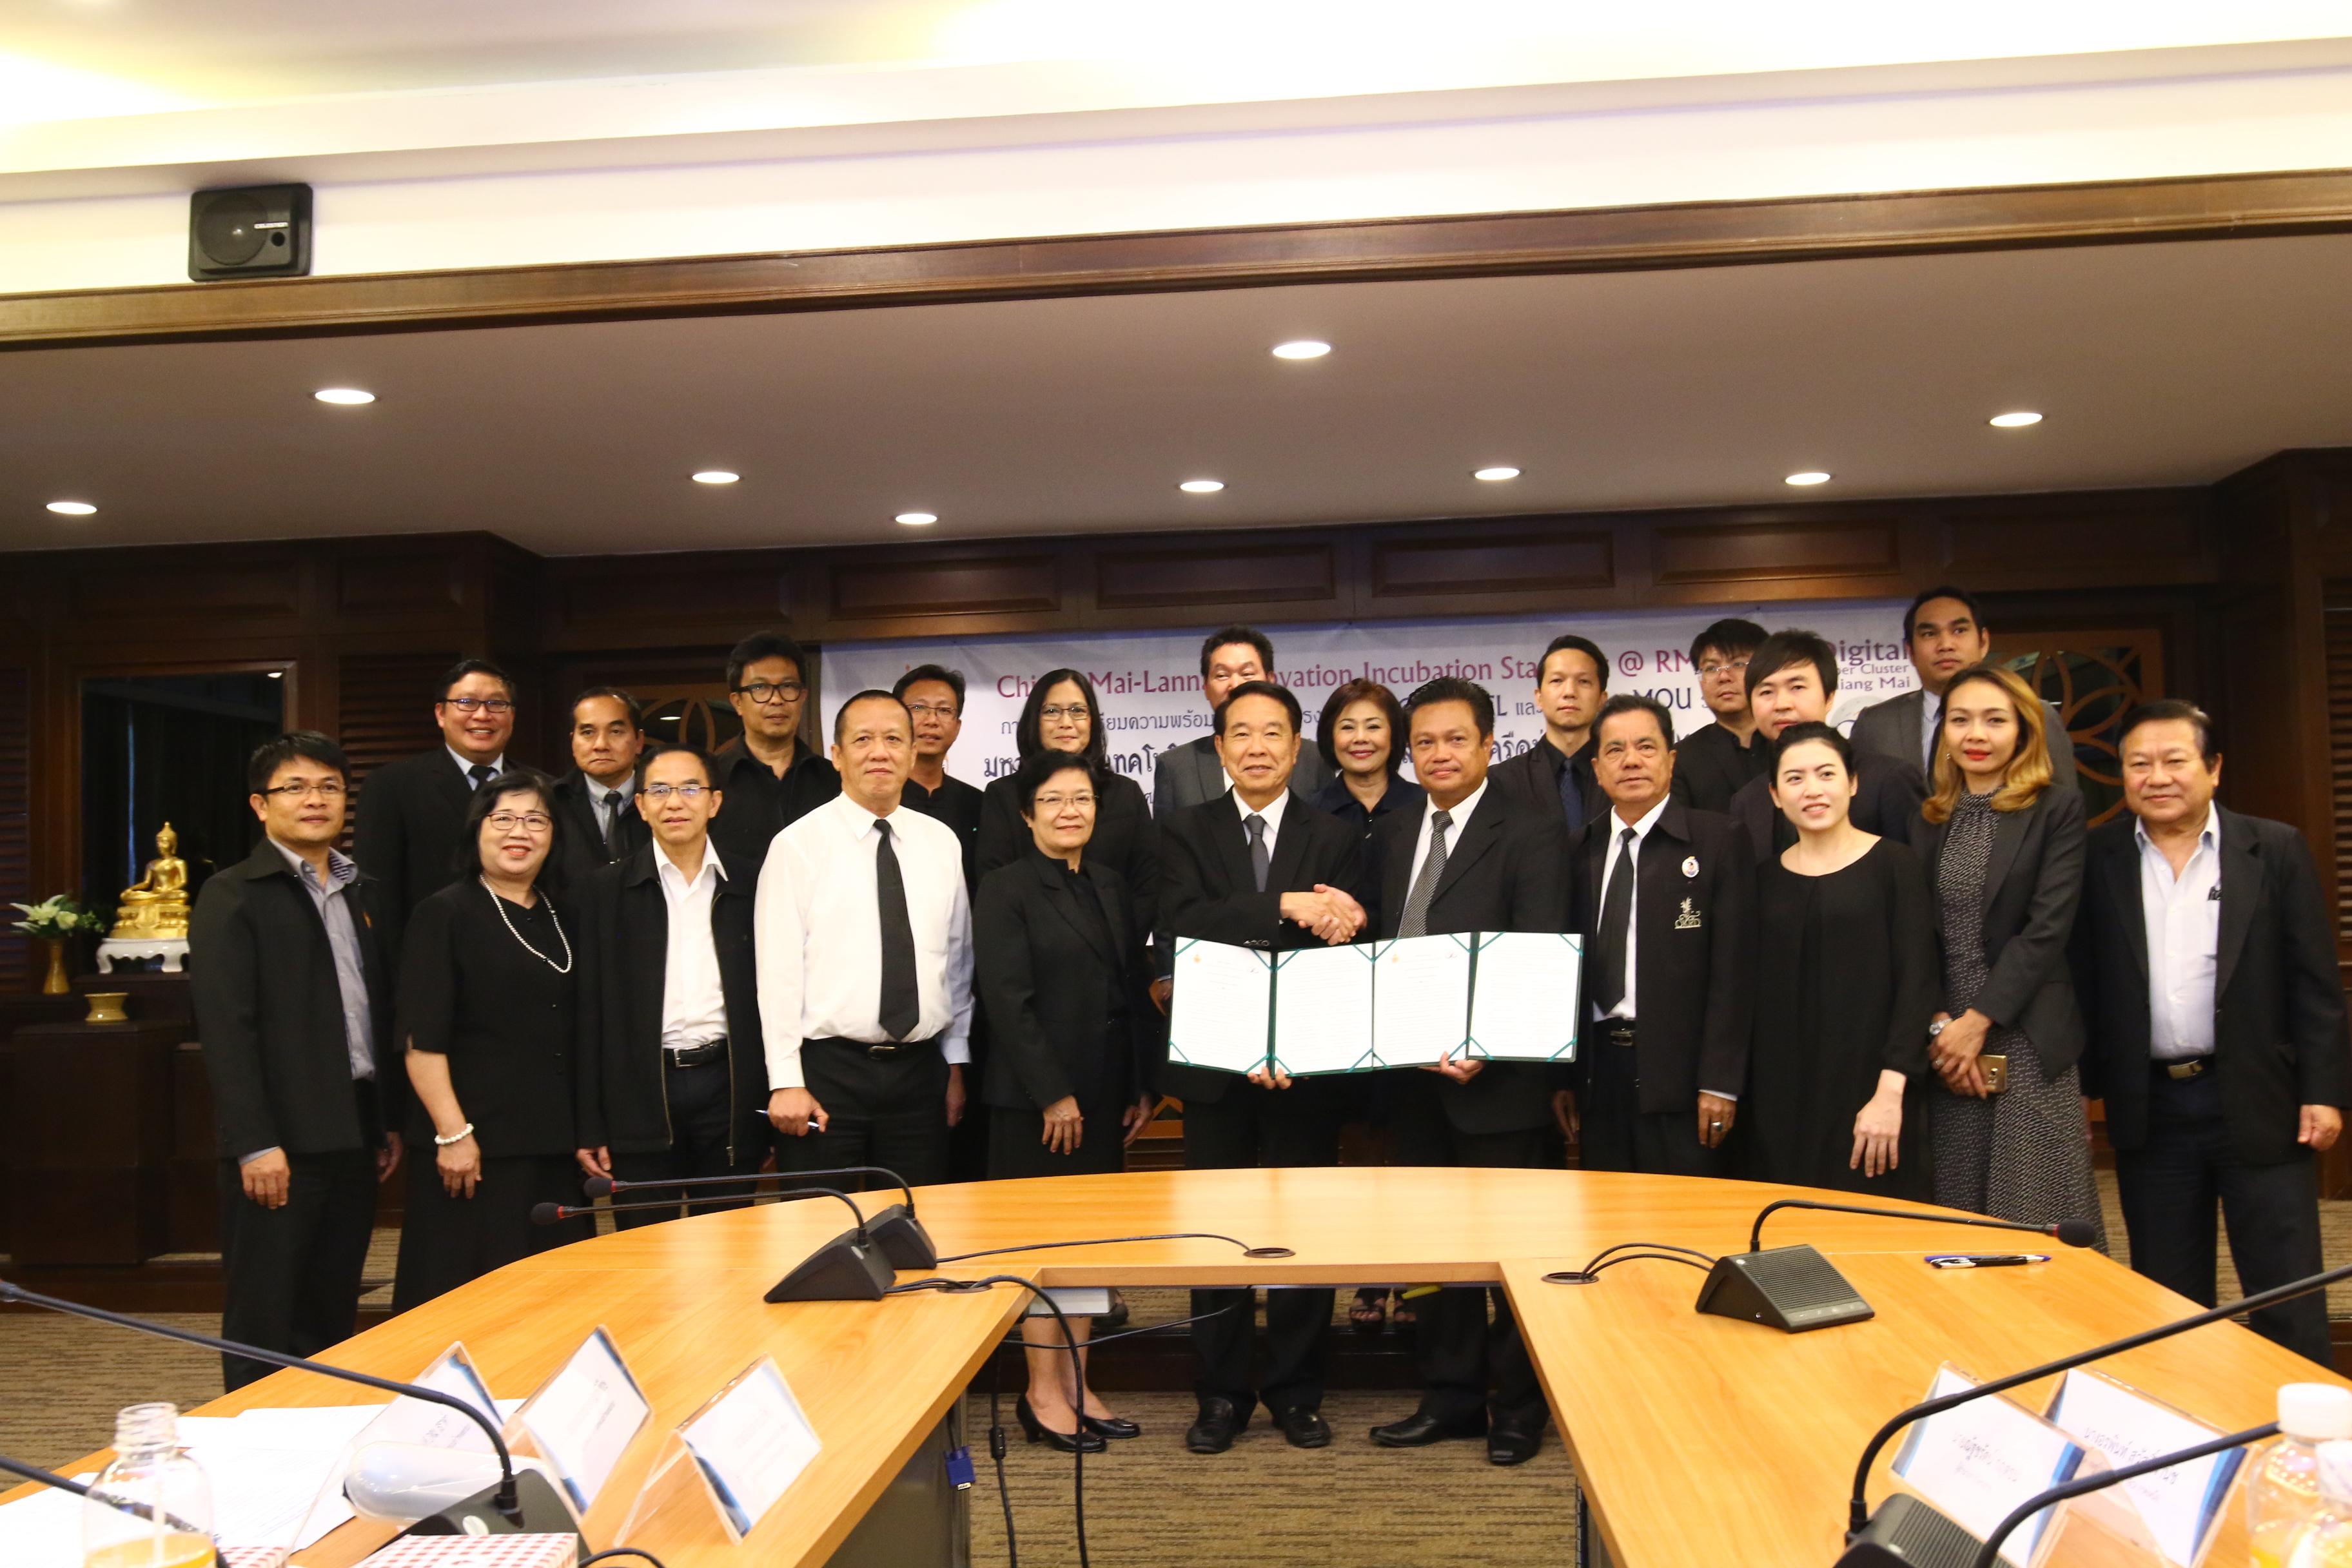 มทร.ล้านนา พร้อมขับเคลื่อน Innovation Incubation Center (IIC.) ร่วมกับภาคีเครือข่าย รับนโยบาย Thailand 4.0